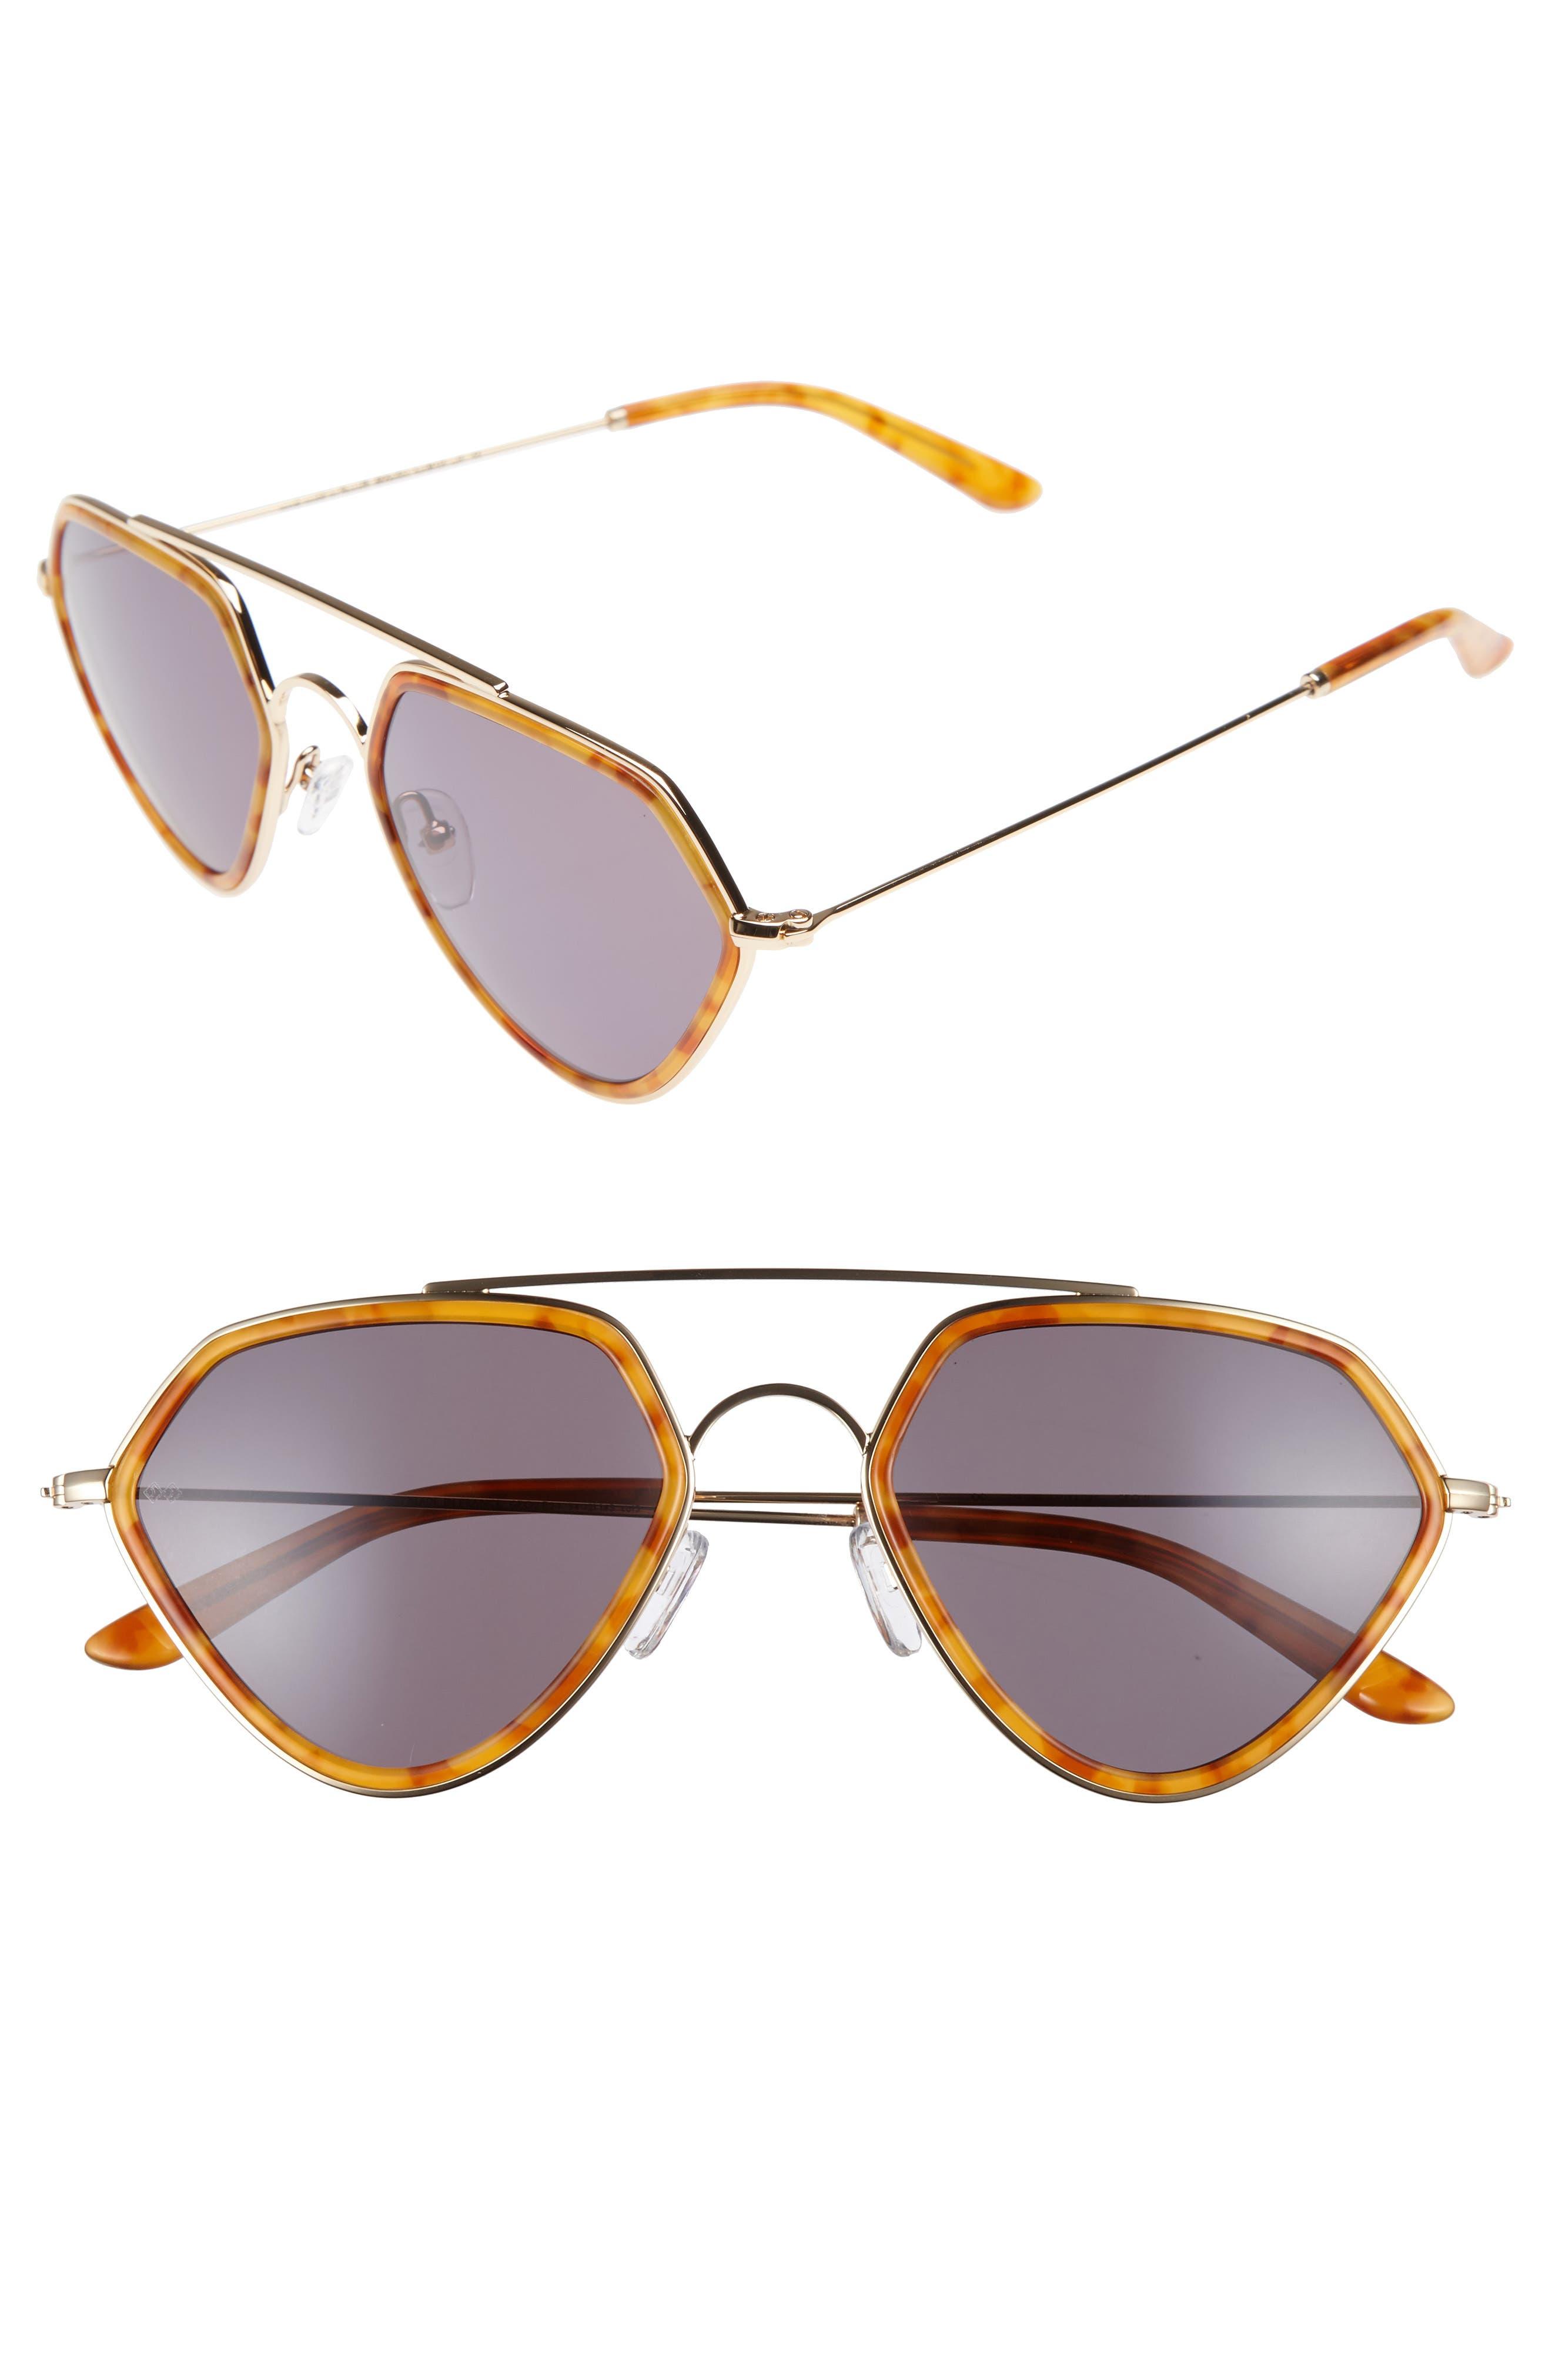 Geo 2 53mm Retro Sunglasses,                         Main,                         color, 206